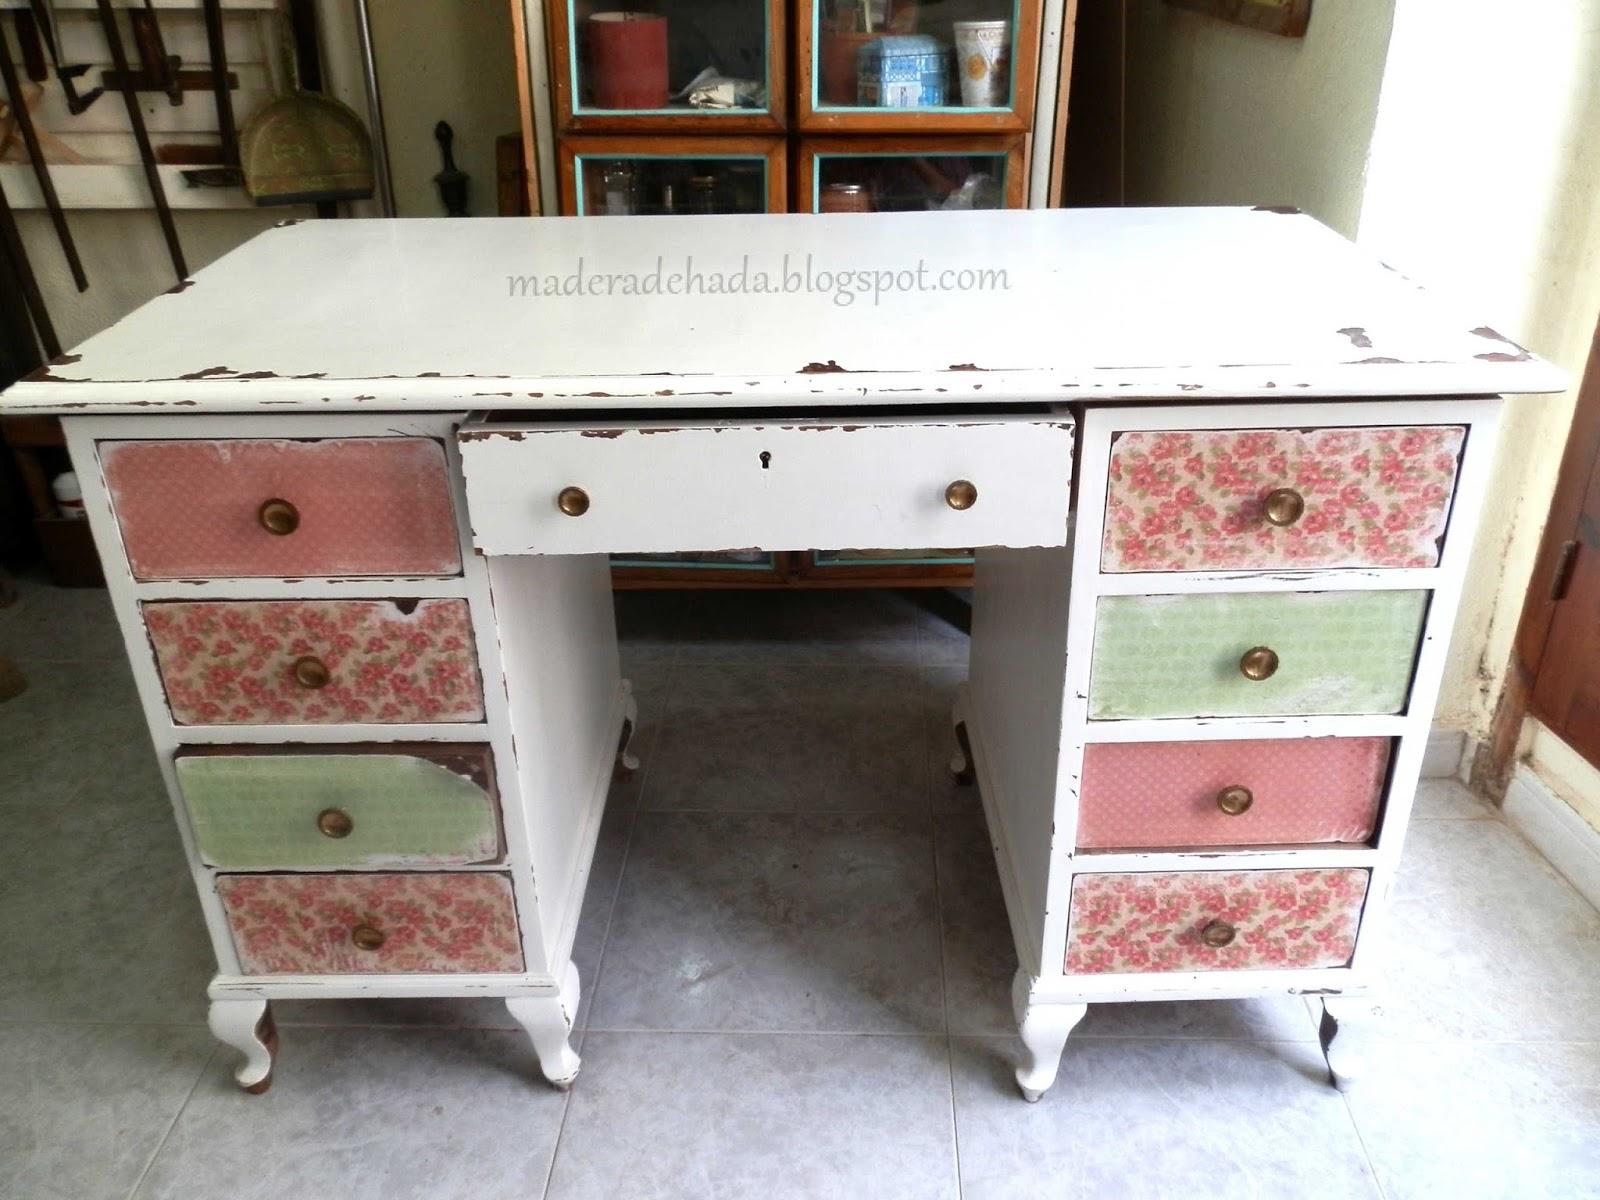 Como quitar la pintura a un mueble de madera madera de hada - Como decapar un mueble ...